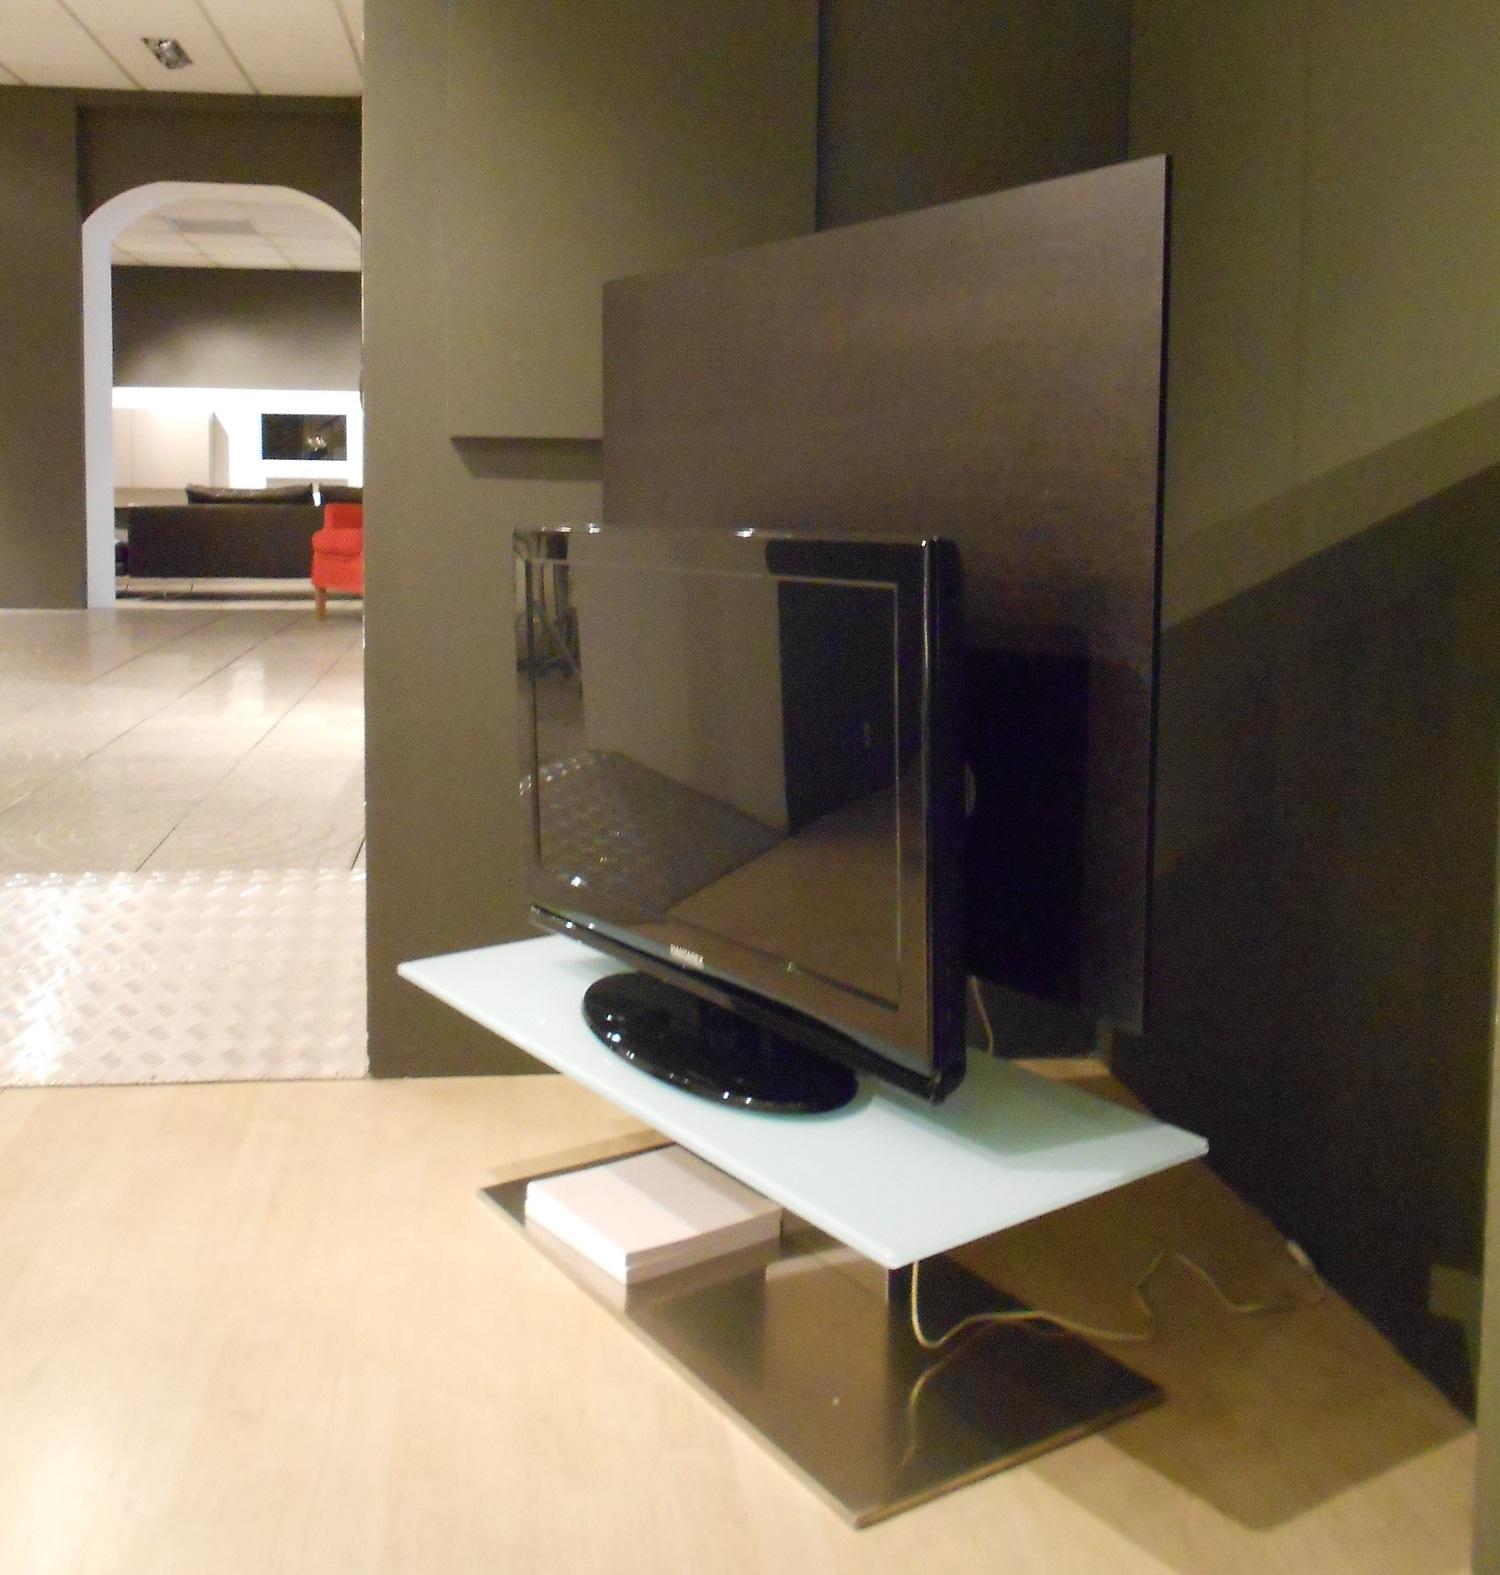 Porta tv porada sat 1 di design in legno e vetro scontato del 62 complementi a prezzi scontati - Porada porta tv ...